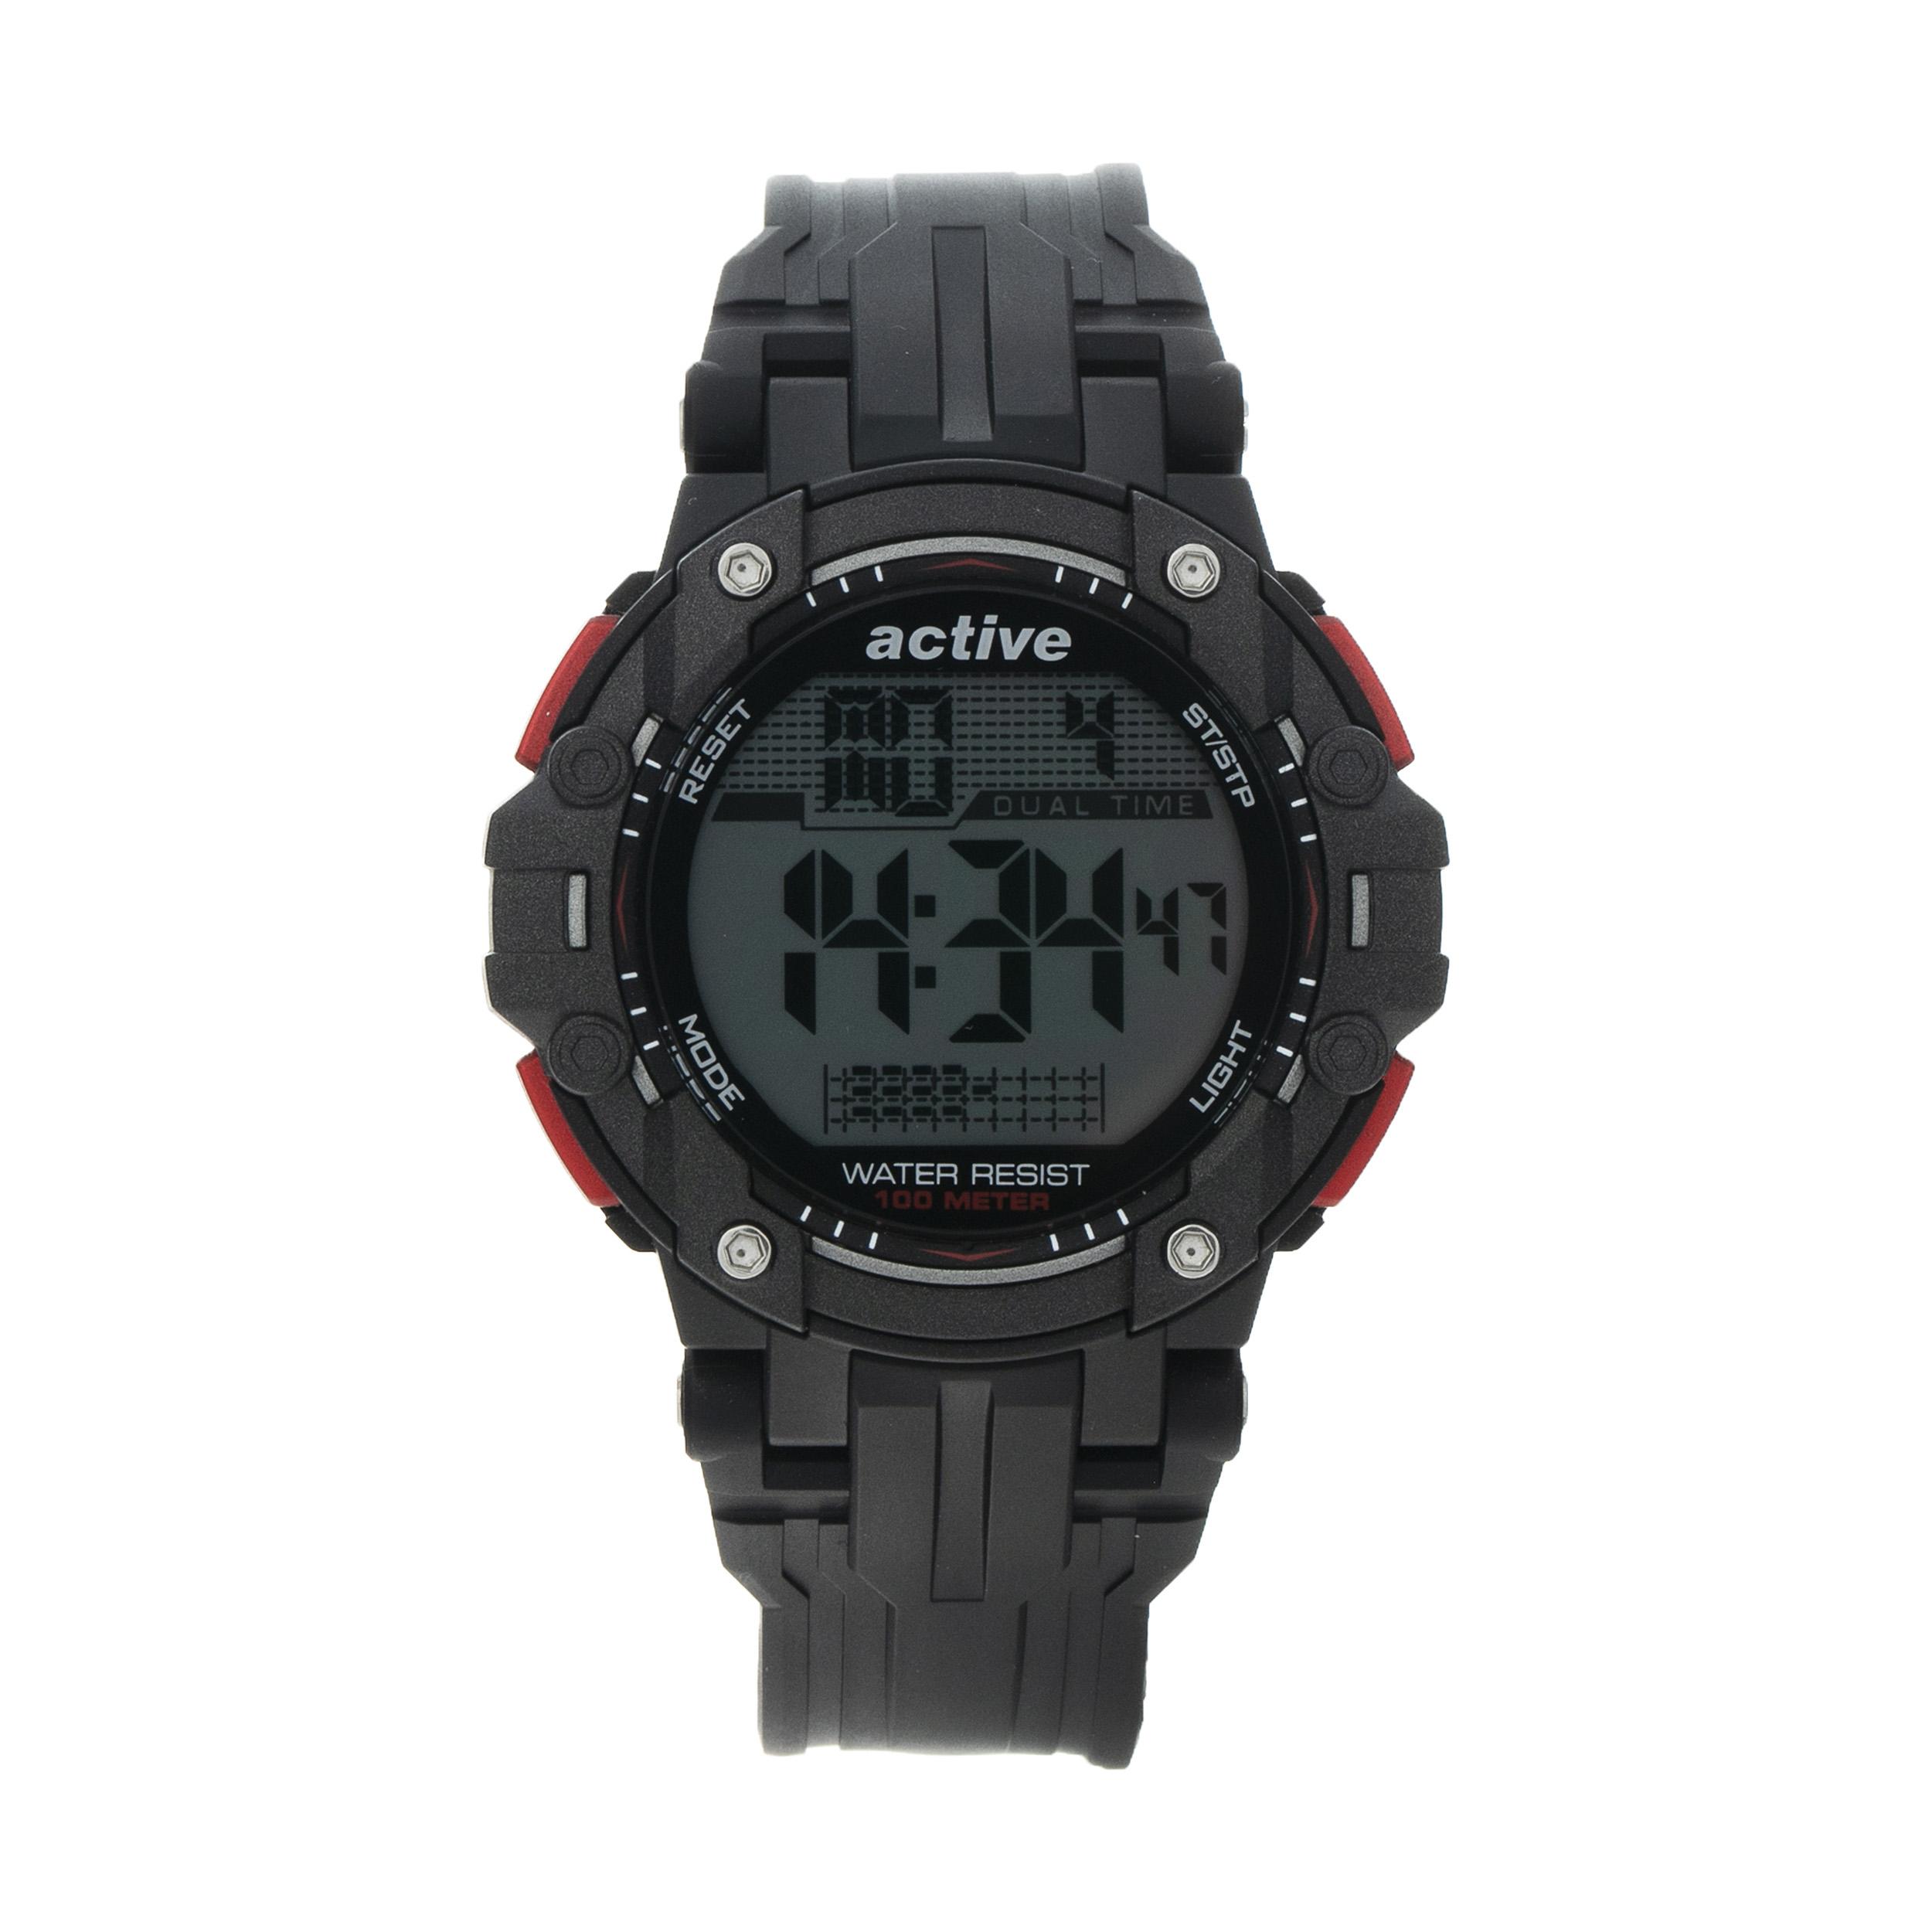 ساعت مچی مردانه اکتیو مدل YP17737 به همراه دستمال مخصوص نانو برند کلیر واچ 35